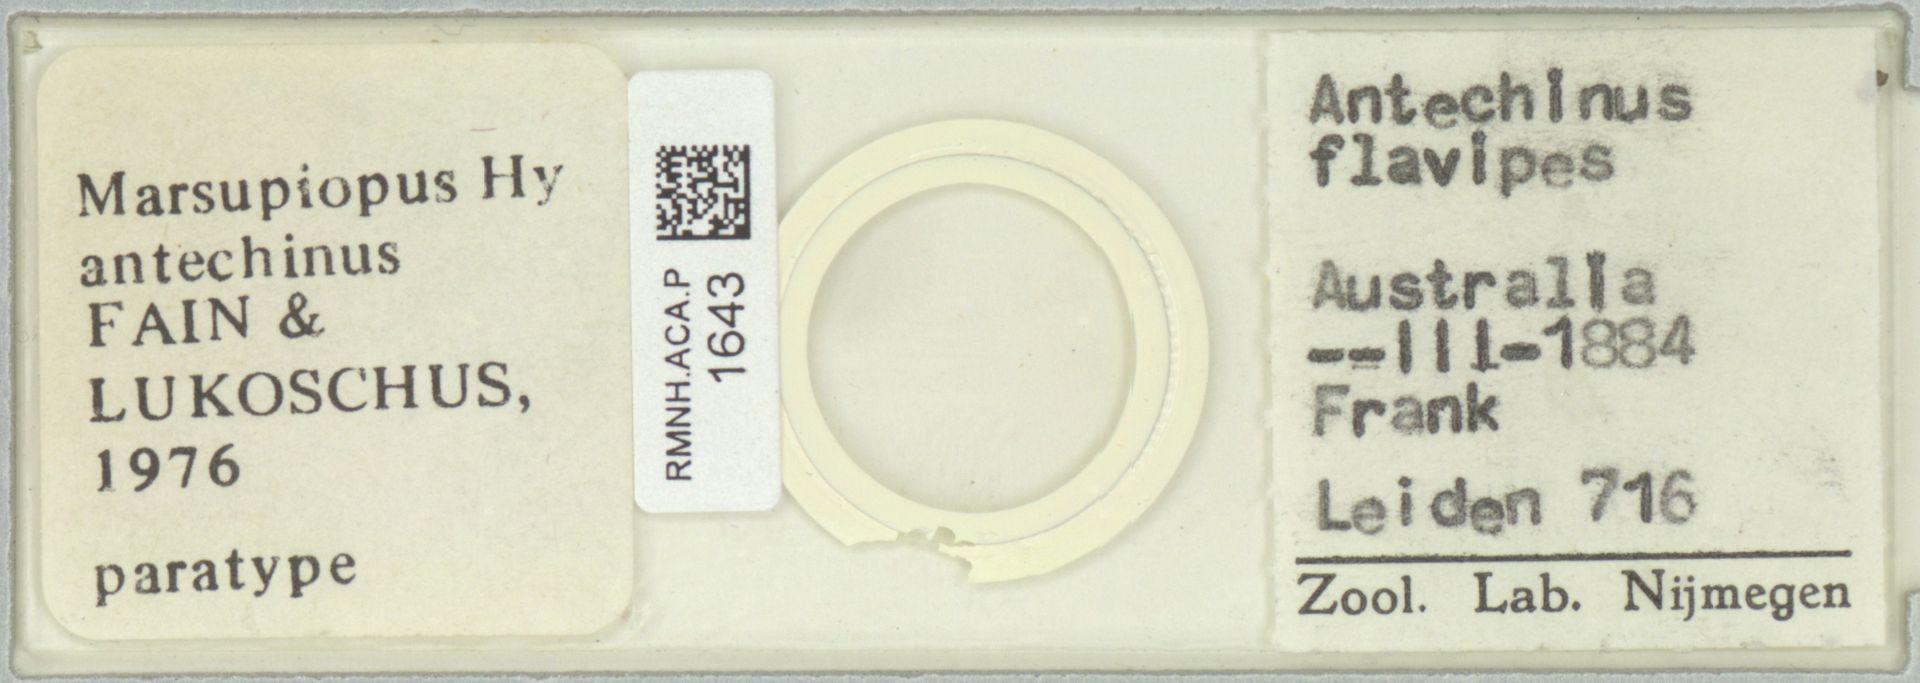 RMNH.ACA.P.1643 | Marsupiopus antechinus Fain & Lukoschus, 1976